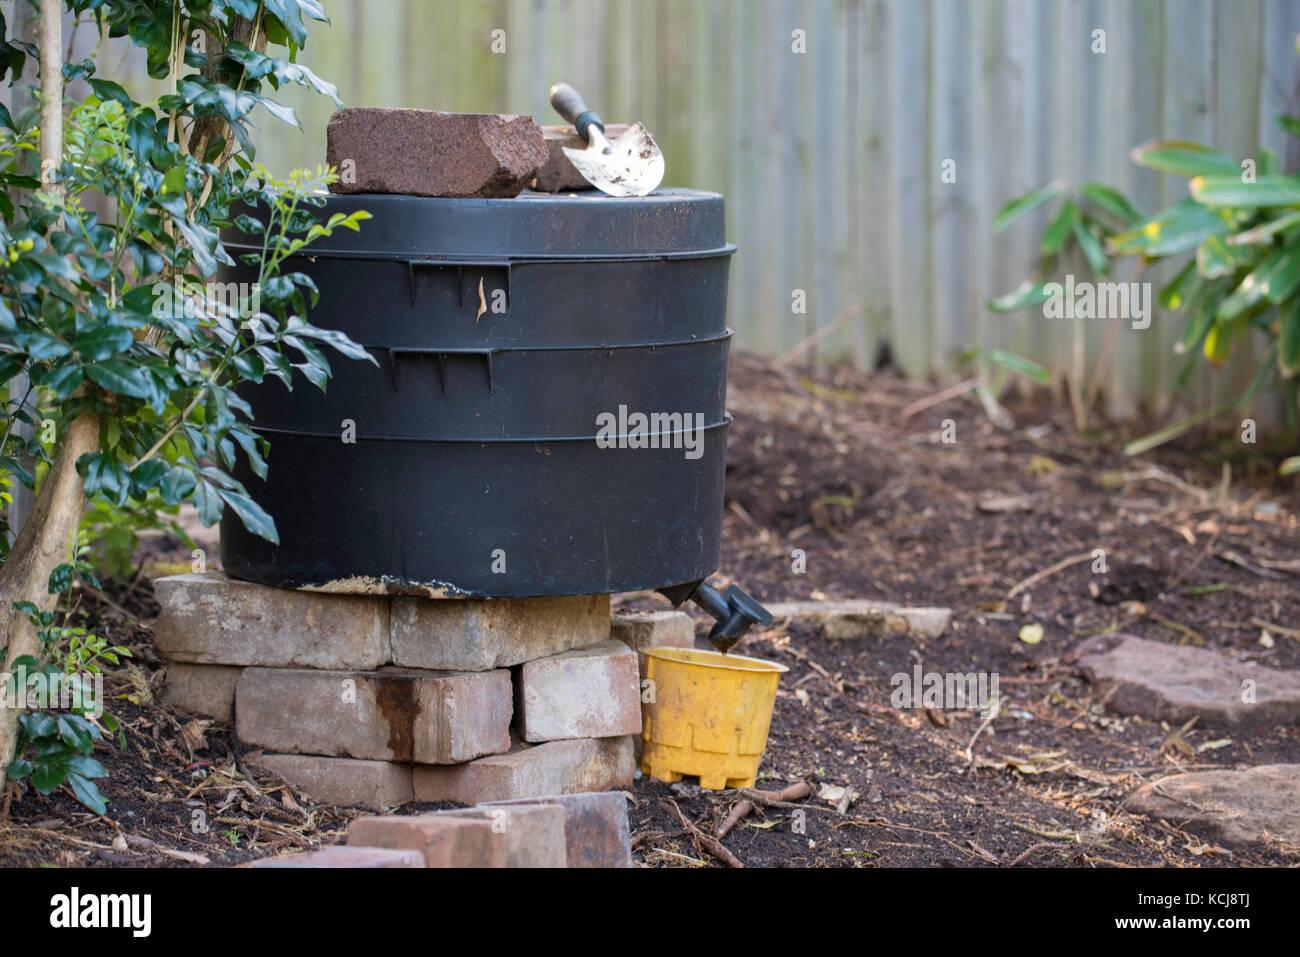 worm farm stock photos u0026 worm farm stock images alamy